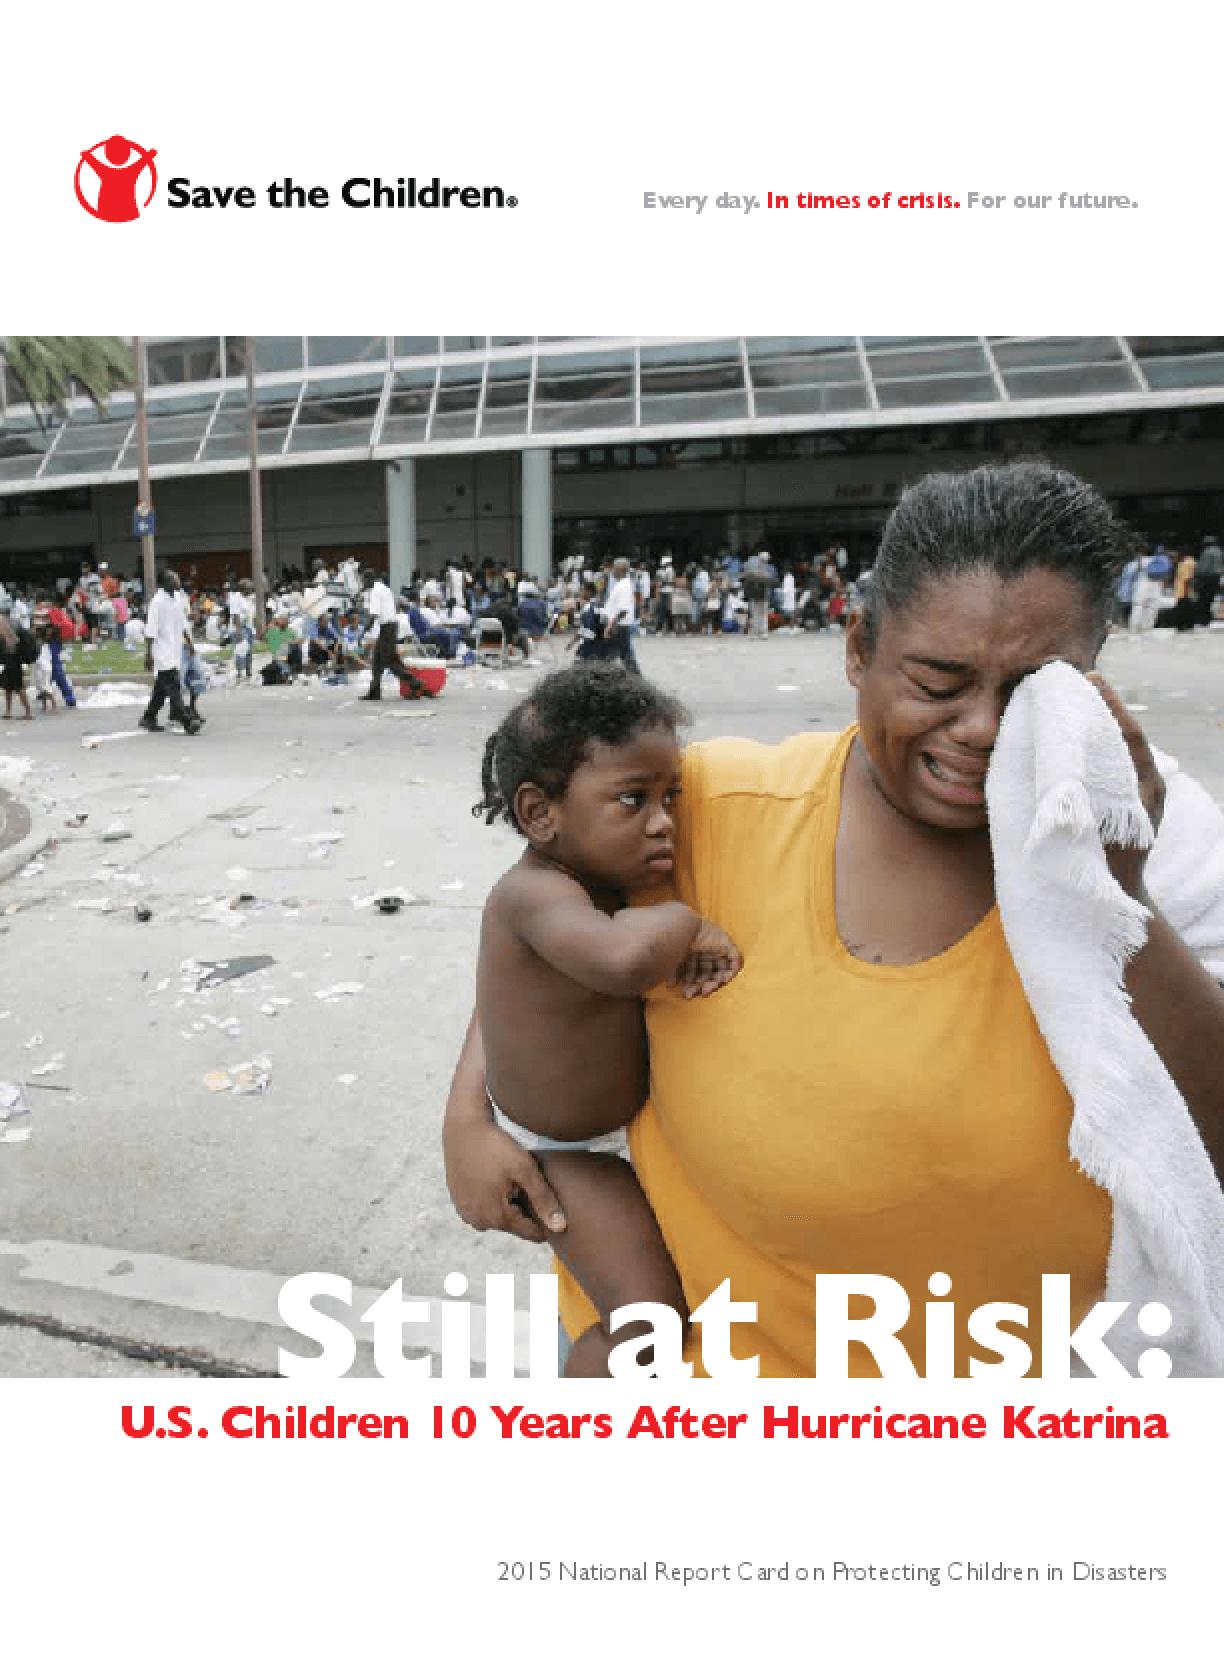 Still at Risk: U.S. Children 10 Years After Hurricane Katrina